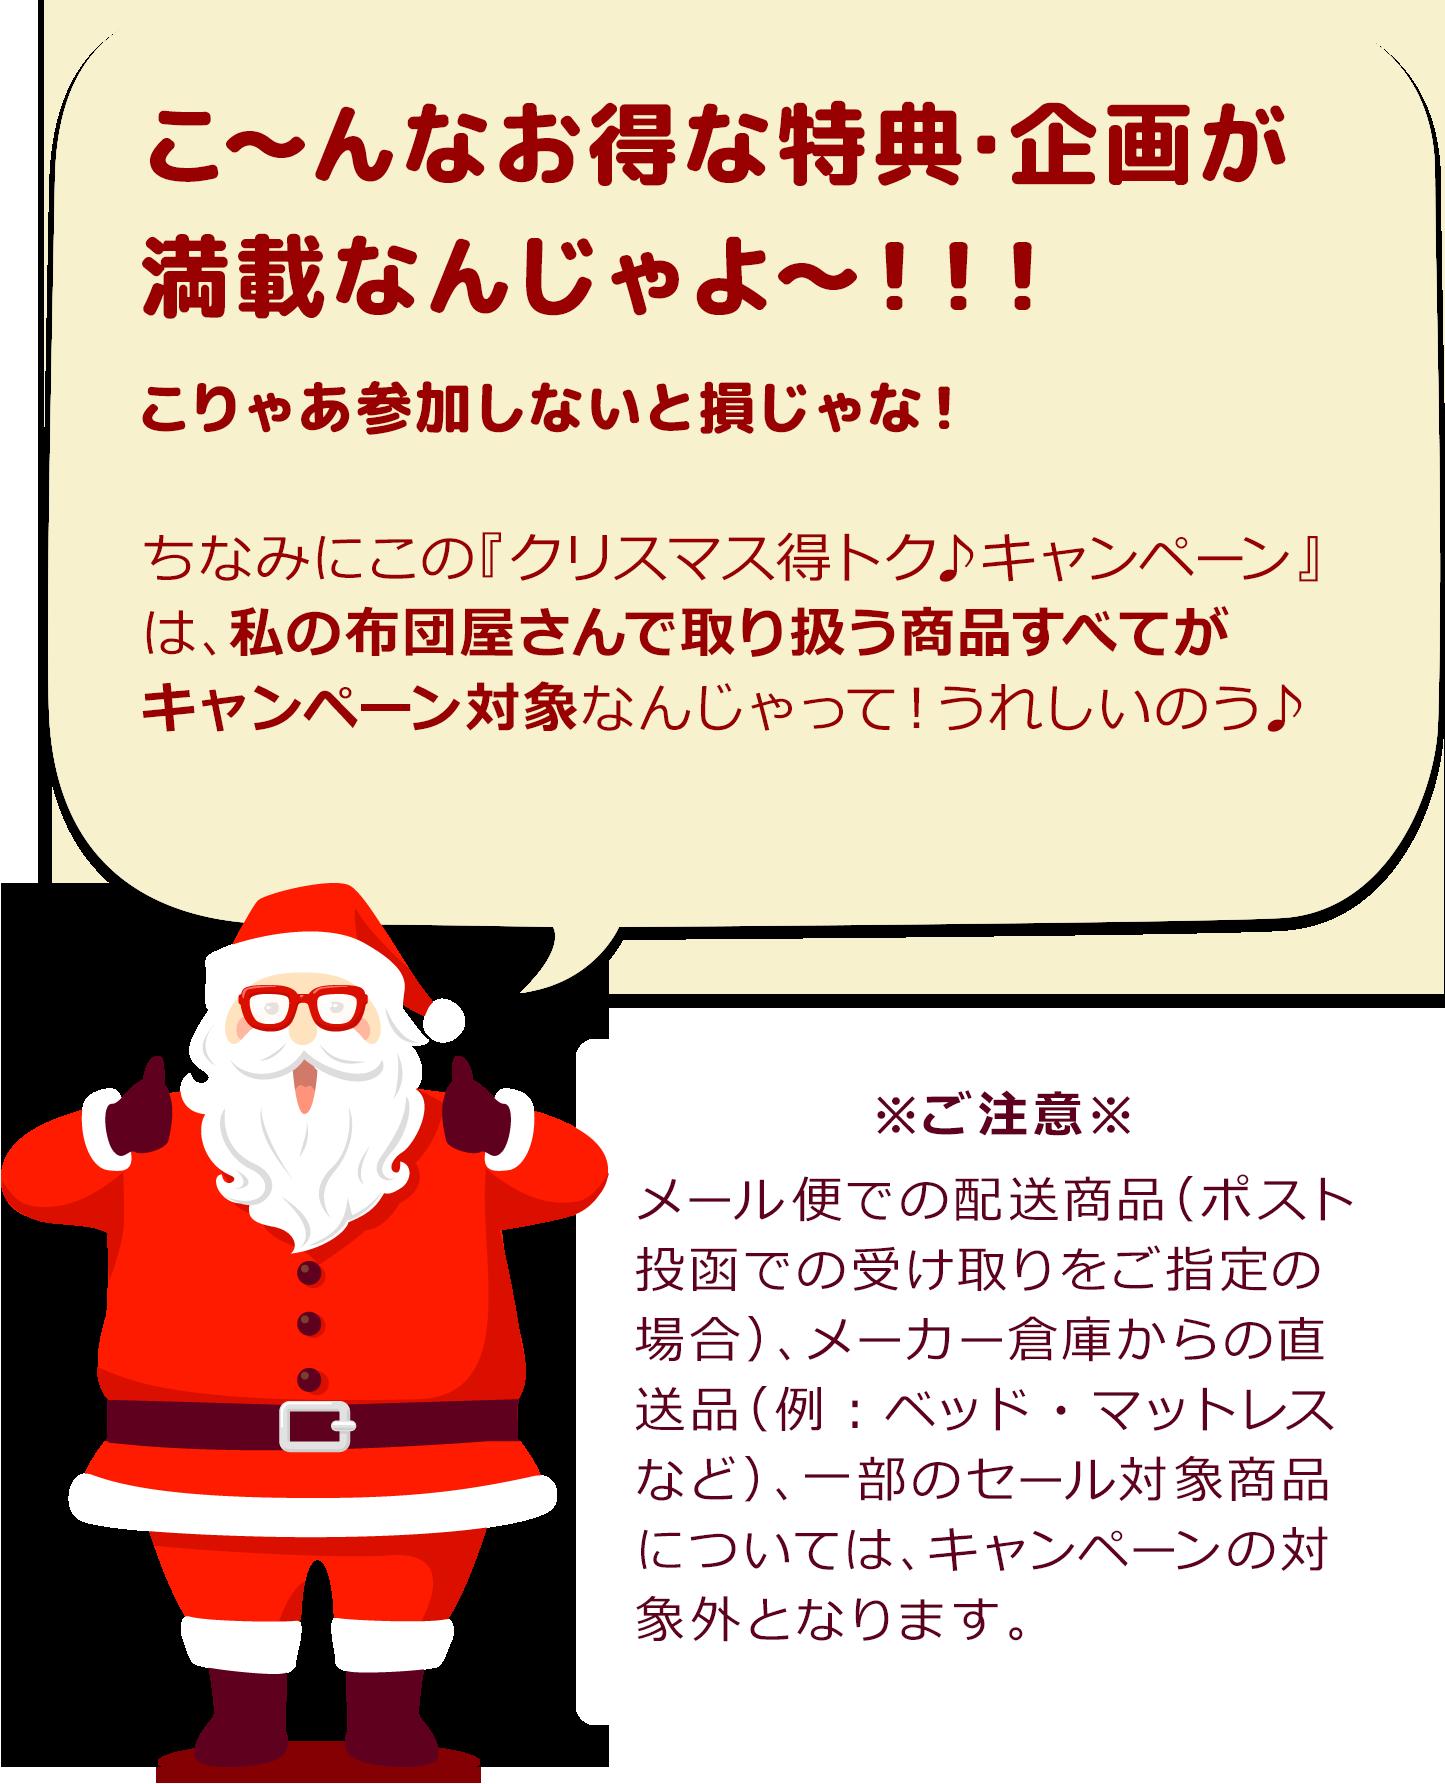 サンタクロース「こ~んなお得な特典・企画が満載なんじゃよ~!!!こりゃあ参加しないと損じゃな!ちなみにこの『クリスマス得トク♪キャンペーン』は、私の布団屋さん 楽天市場店で取り扱う35,000商品すべてがキャンペーン対象なんじゃって!うれしいのう♪」 ※ご注意※ゆうメール便での配送商品(ポスト投函での受け取りをご指定の場合)、メーカー倉庫からの直送品(例:ベッド・マットレス・こたつ・ラグなど)、一部のセール対象商品については、キャンペーンの対象外となります。